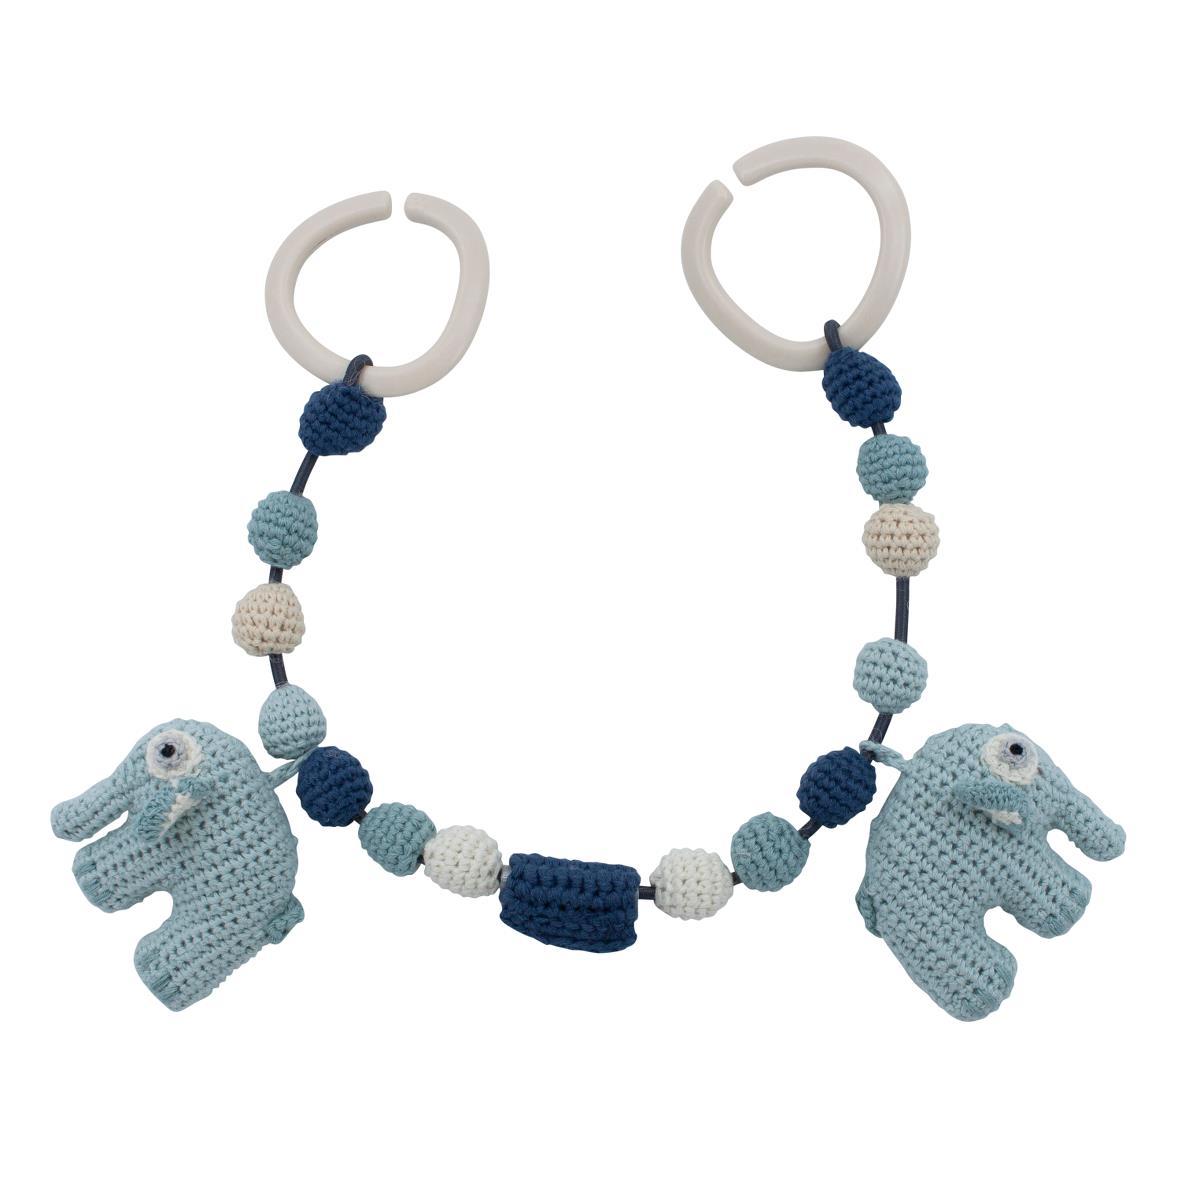 Billede af Sebra barnevognskæde, elefant - lagoon blue